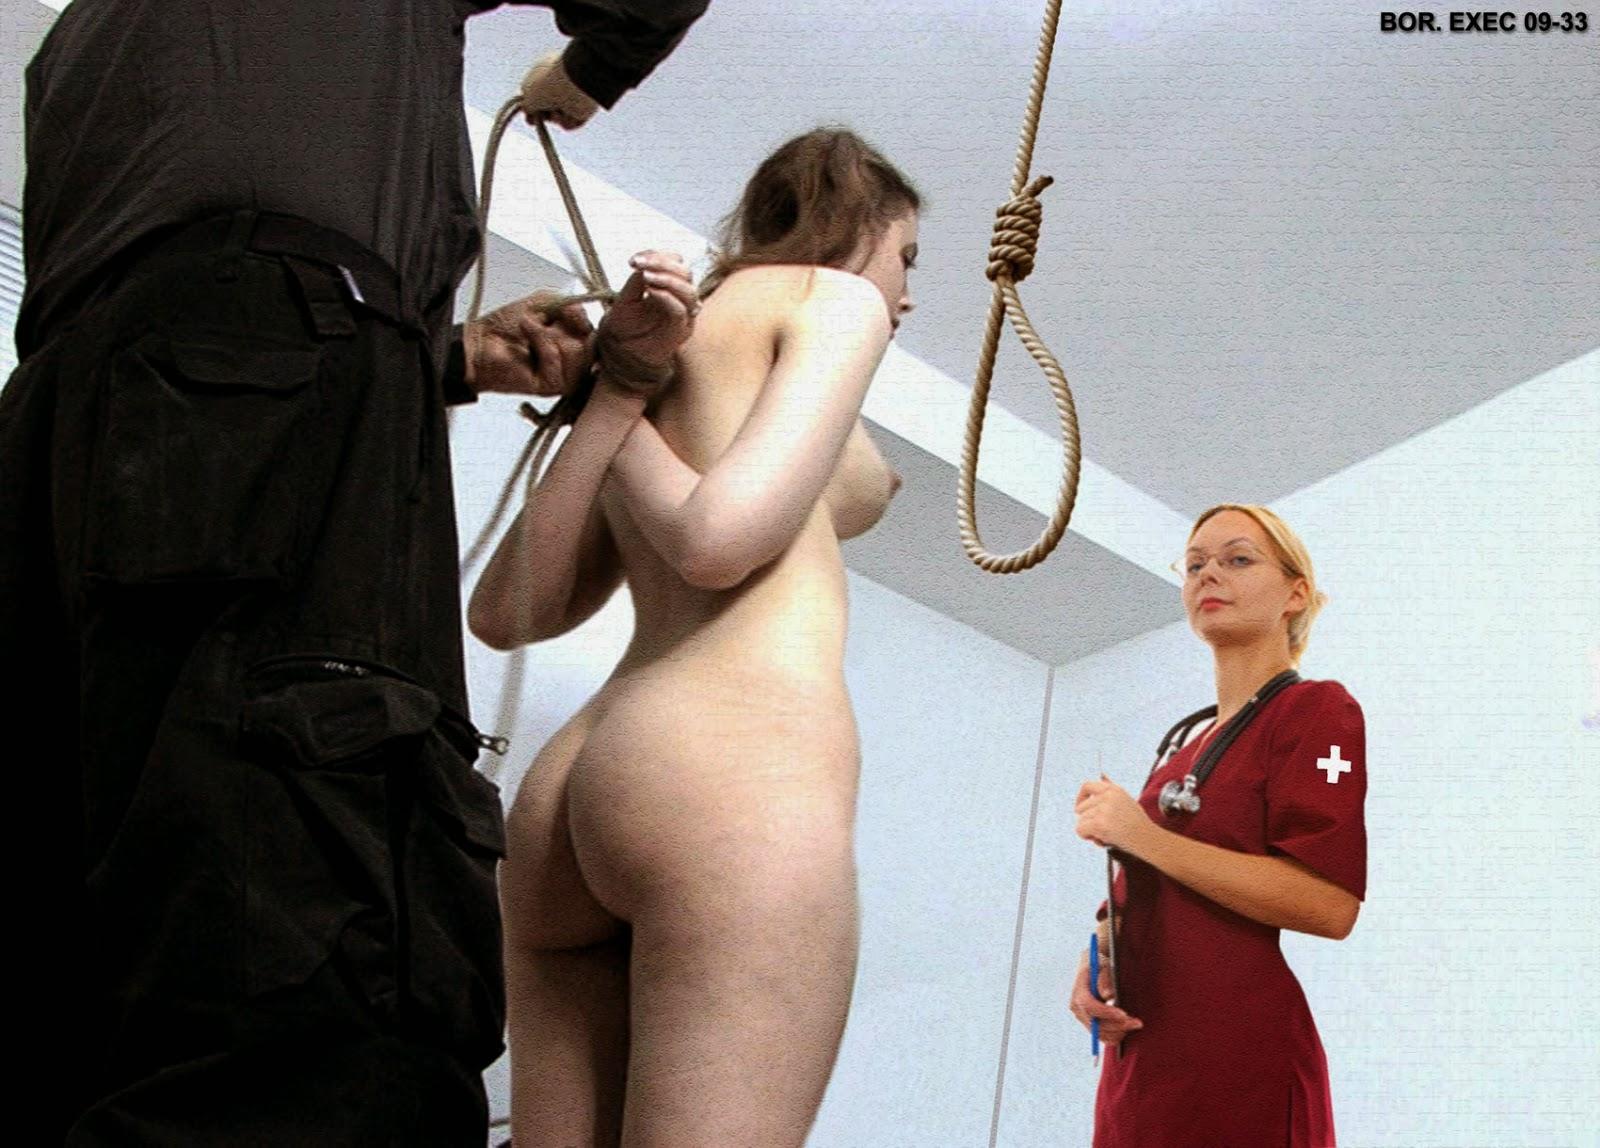 смотреть бесплатно бдсм порно пытки